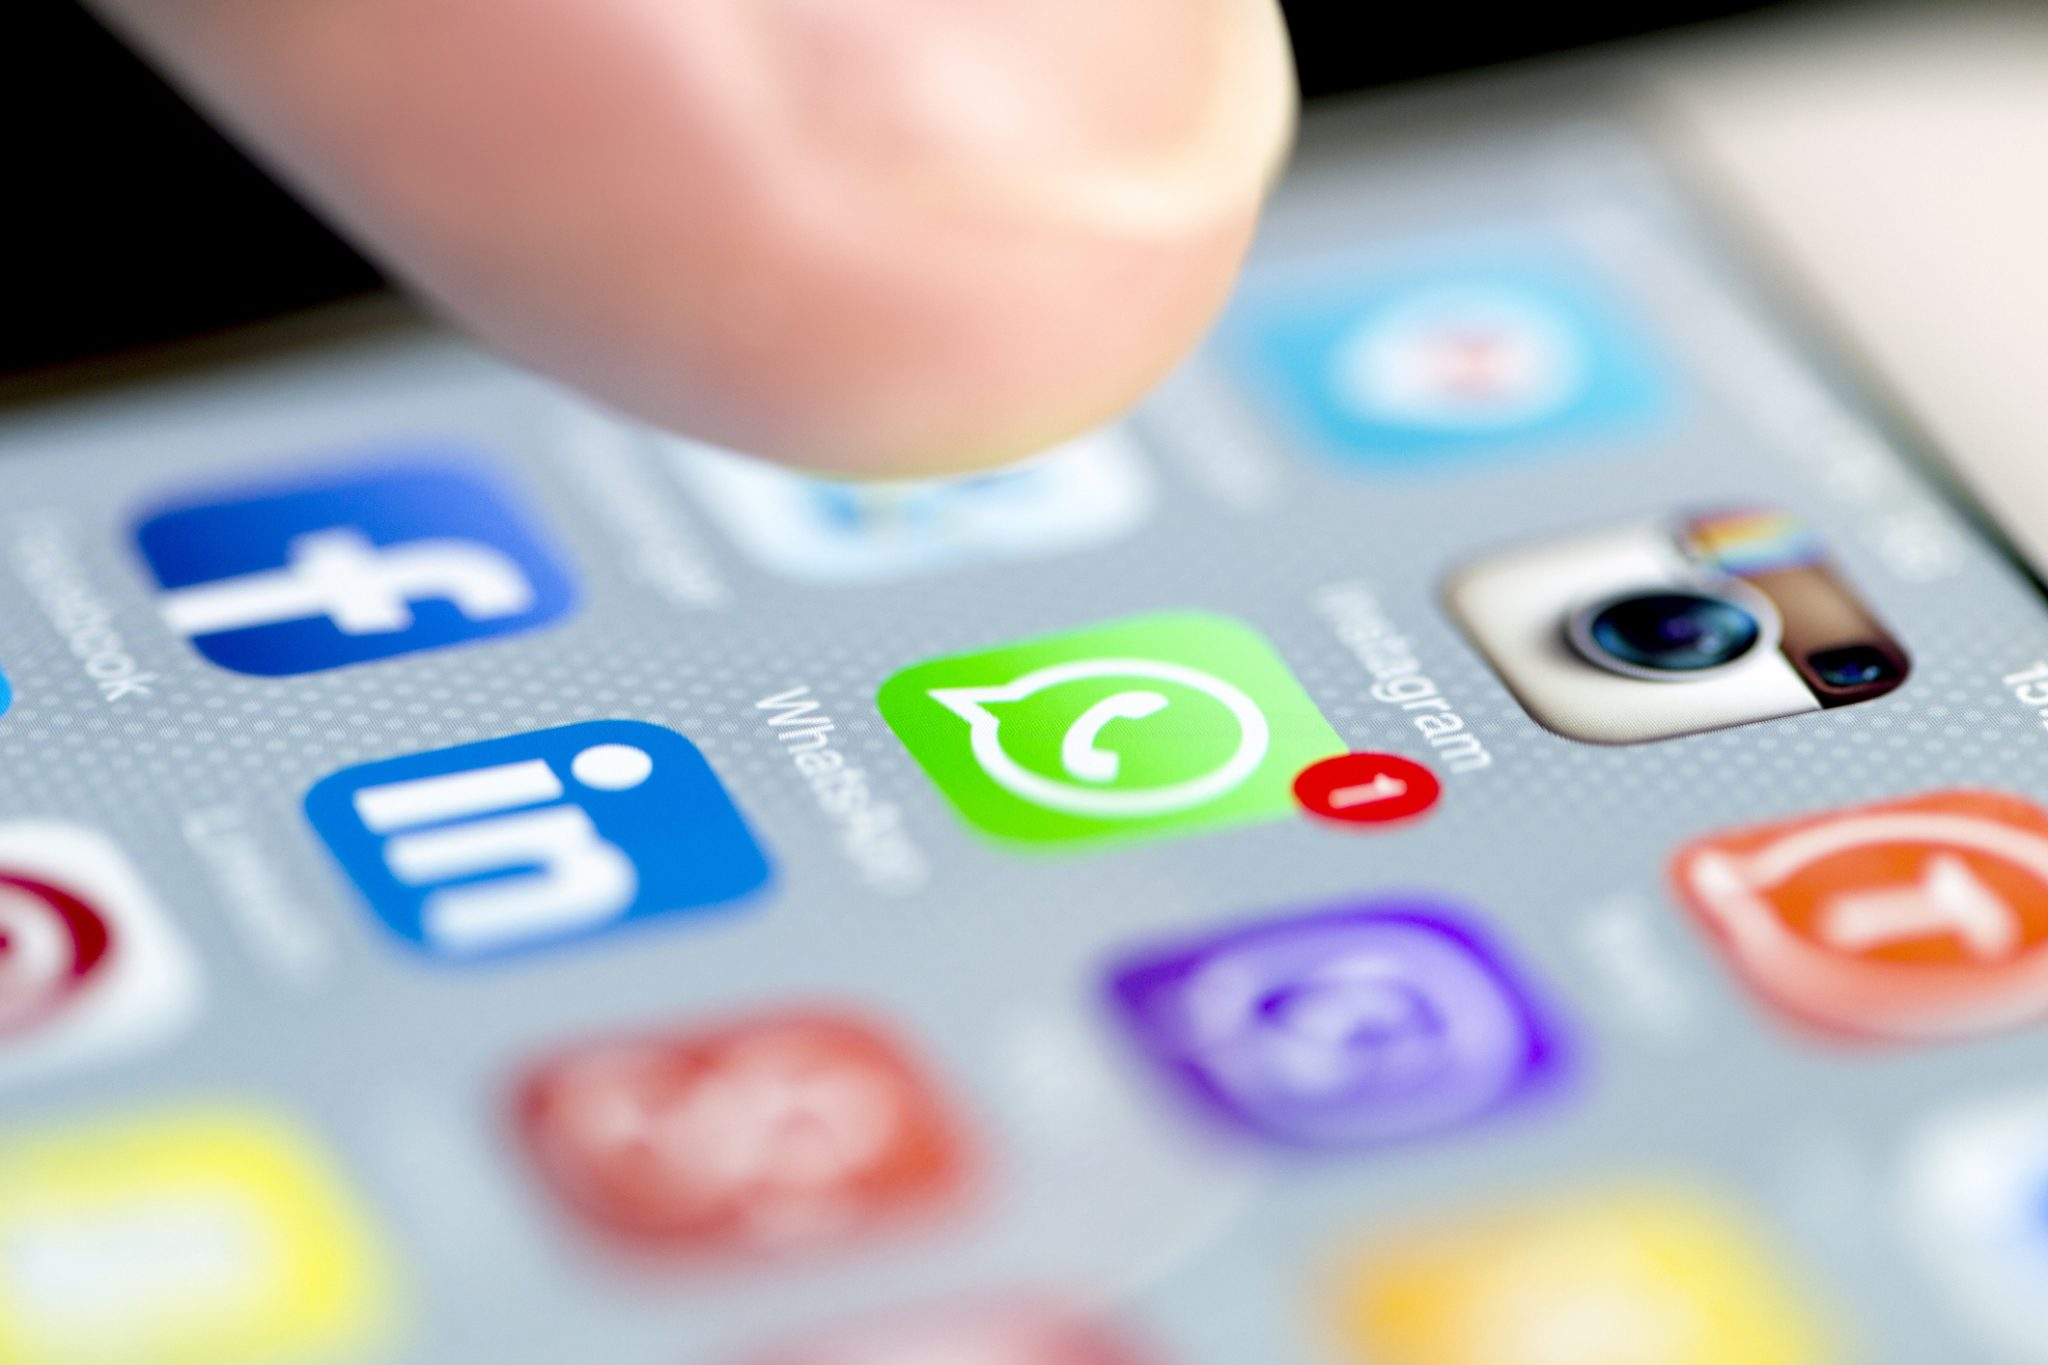 Foto que mostra o ícone do aplicativo de mensagens, para explicar como anunciar no WhatsApp